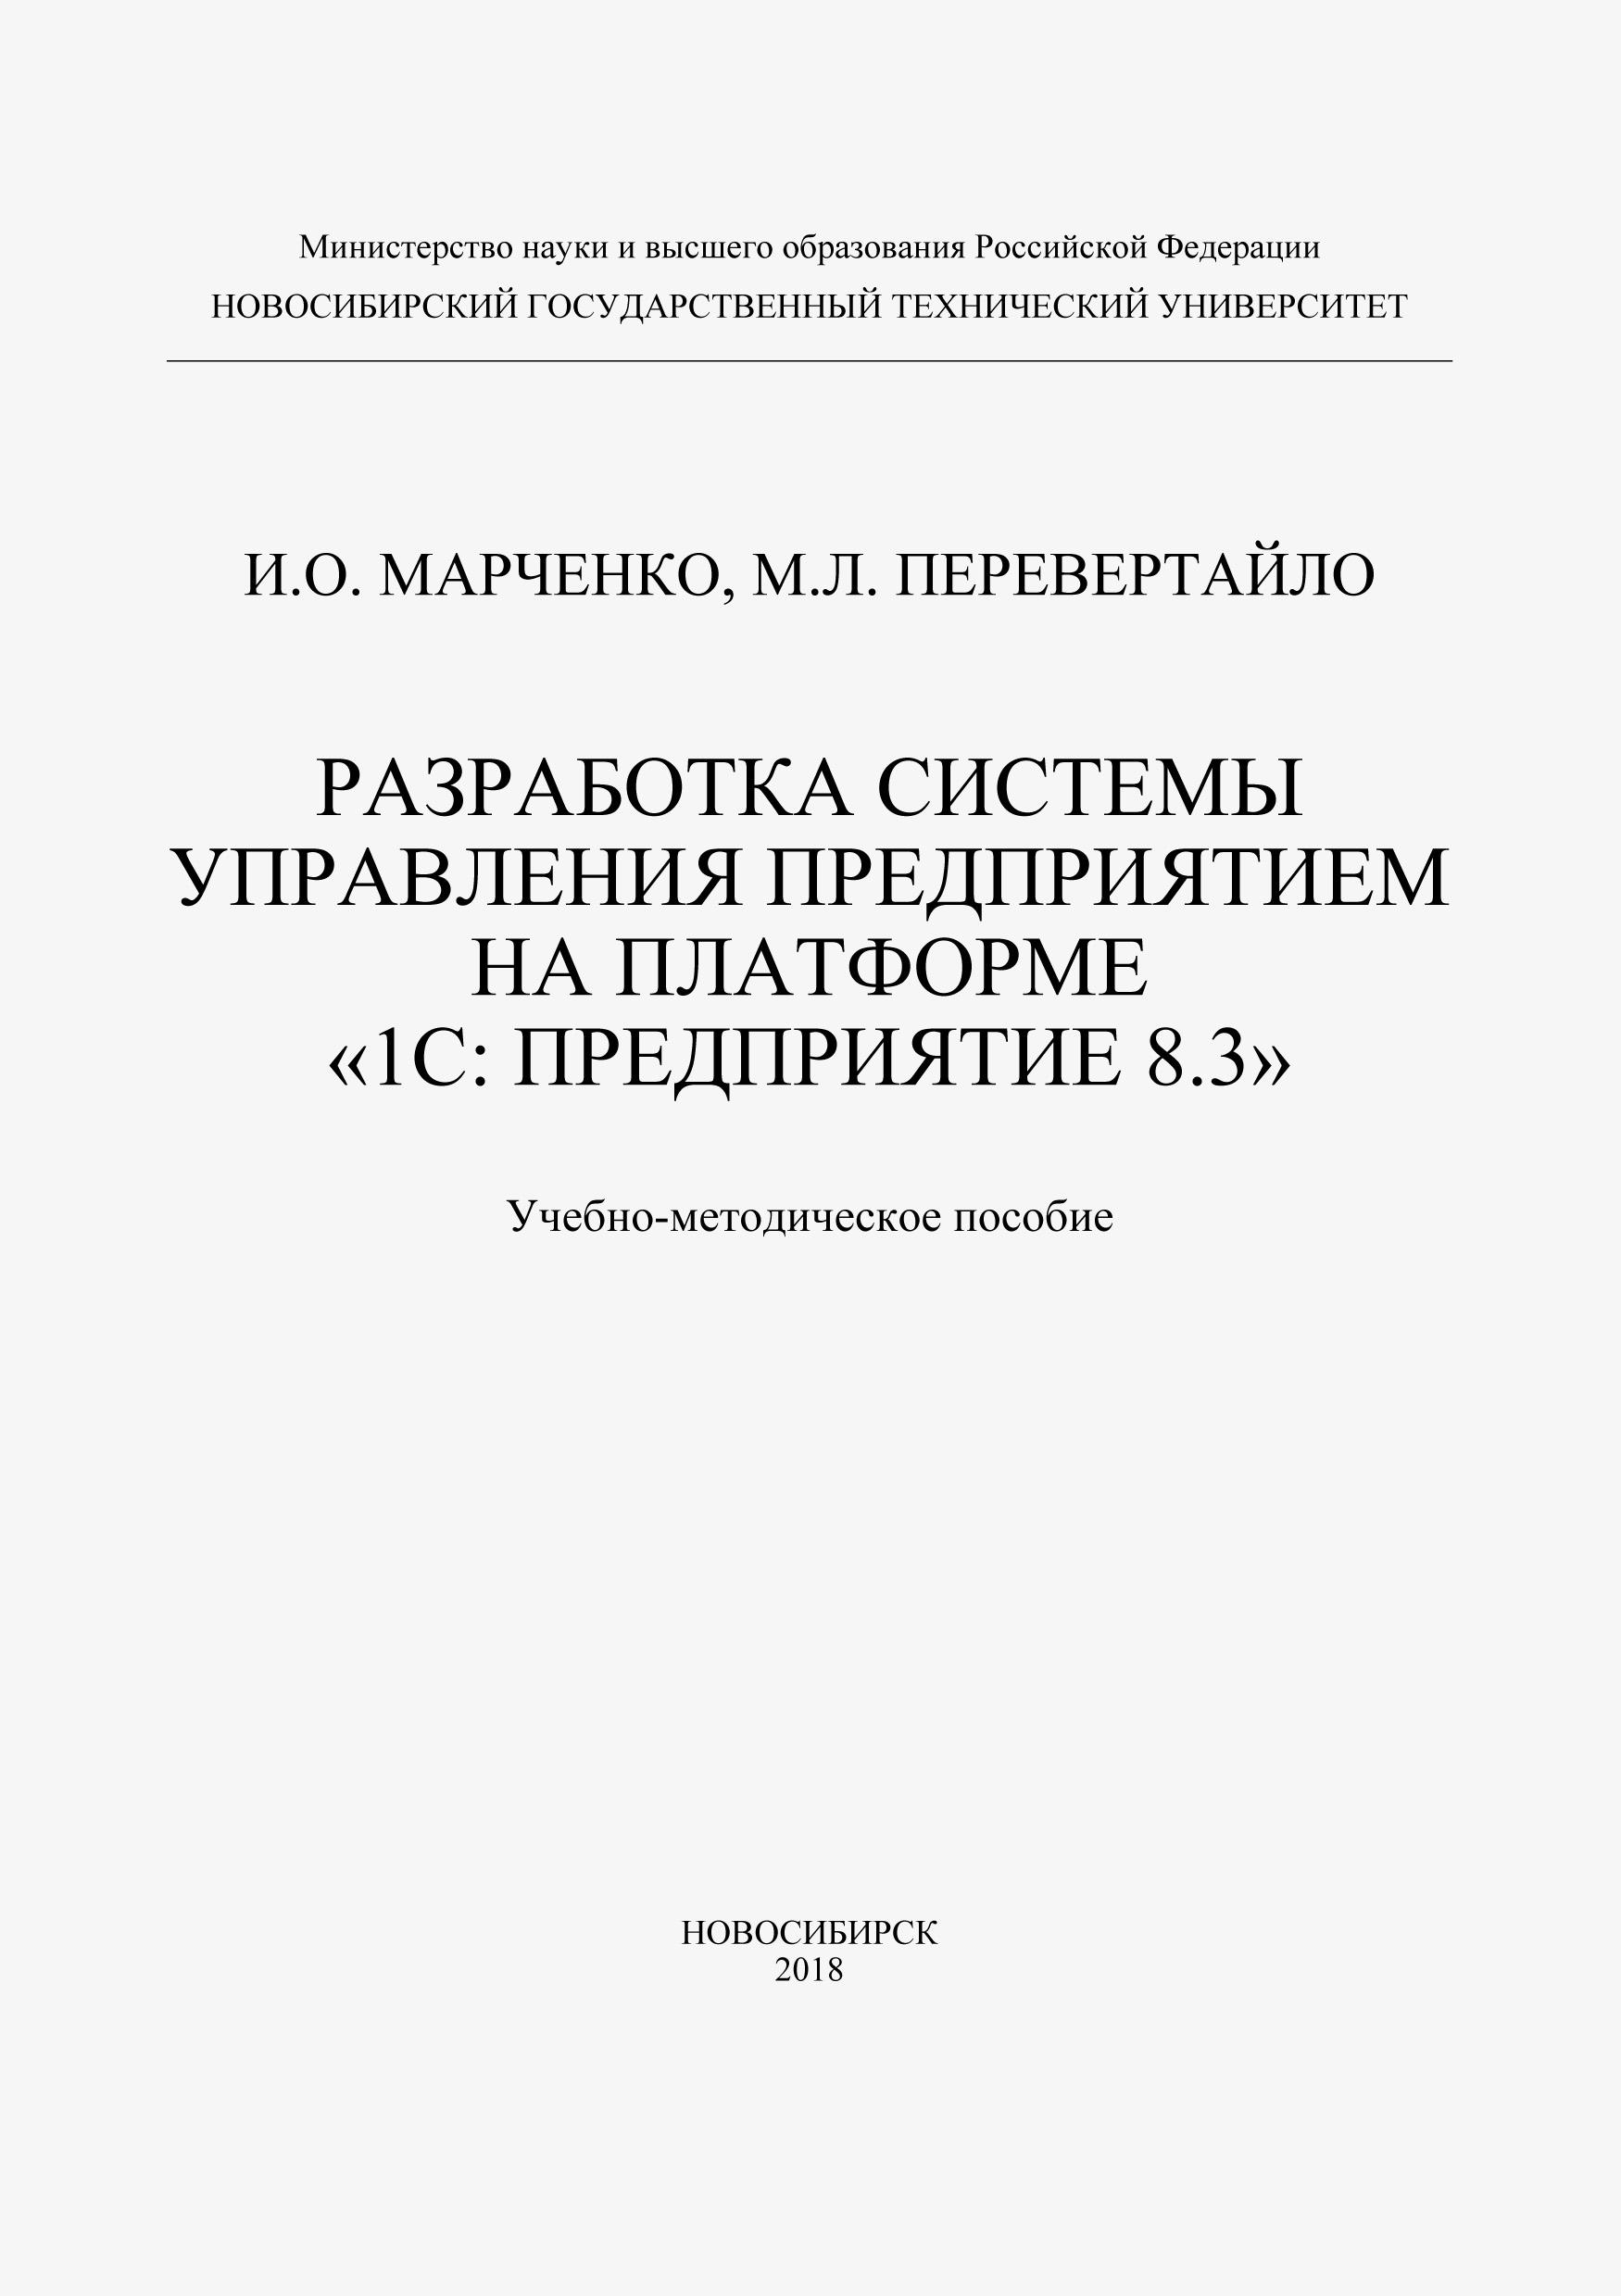 Илья Марченко Разработка системы управления предприятием на платформе «1С: Предприятие 8.3»